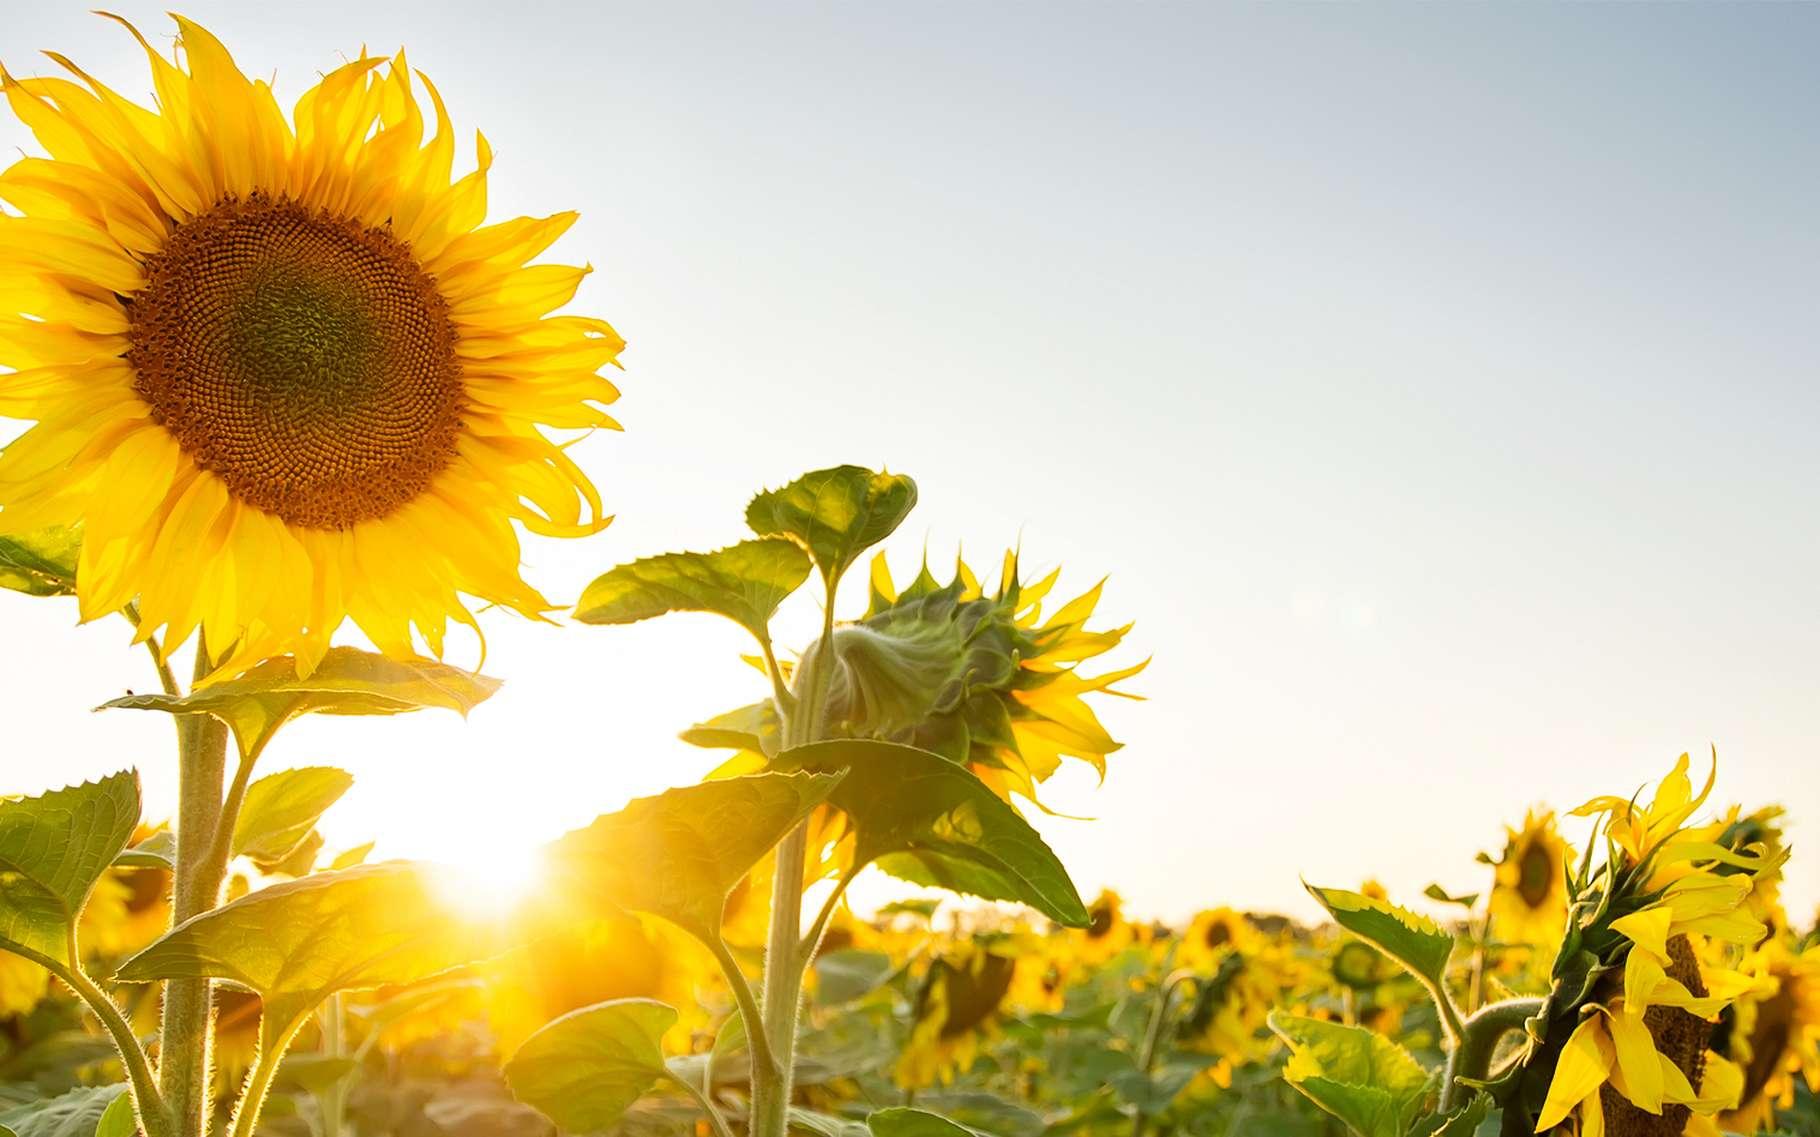 Une fois sa croissance achevée, le tournesol reste orienté en direction du soleil du matin. © Getman, Shutterstock